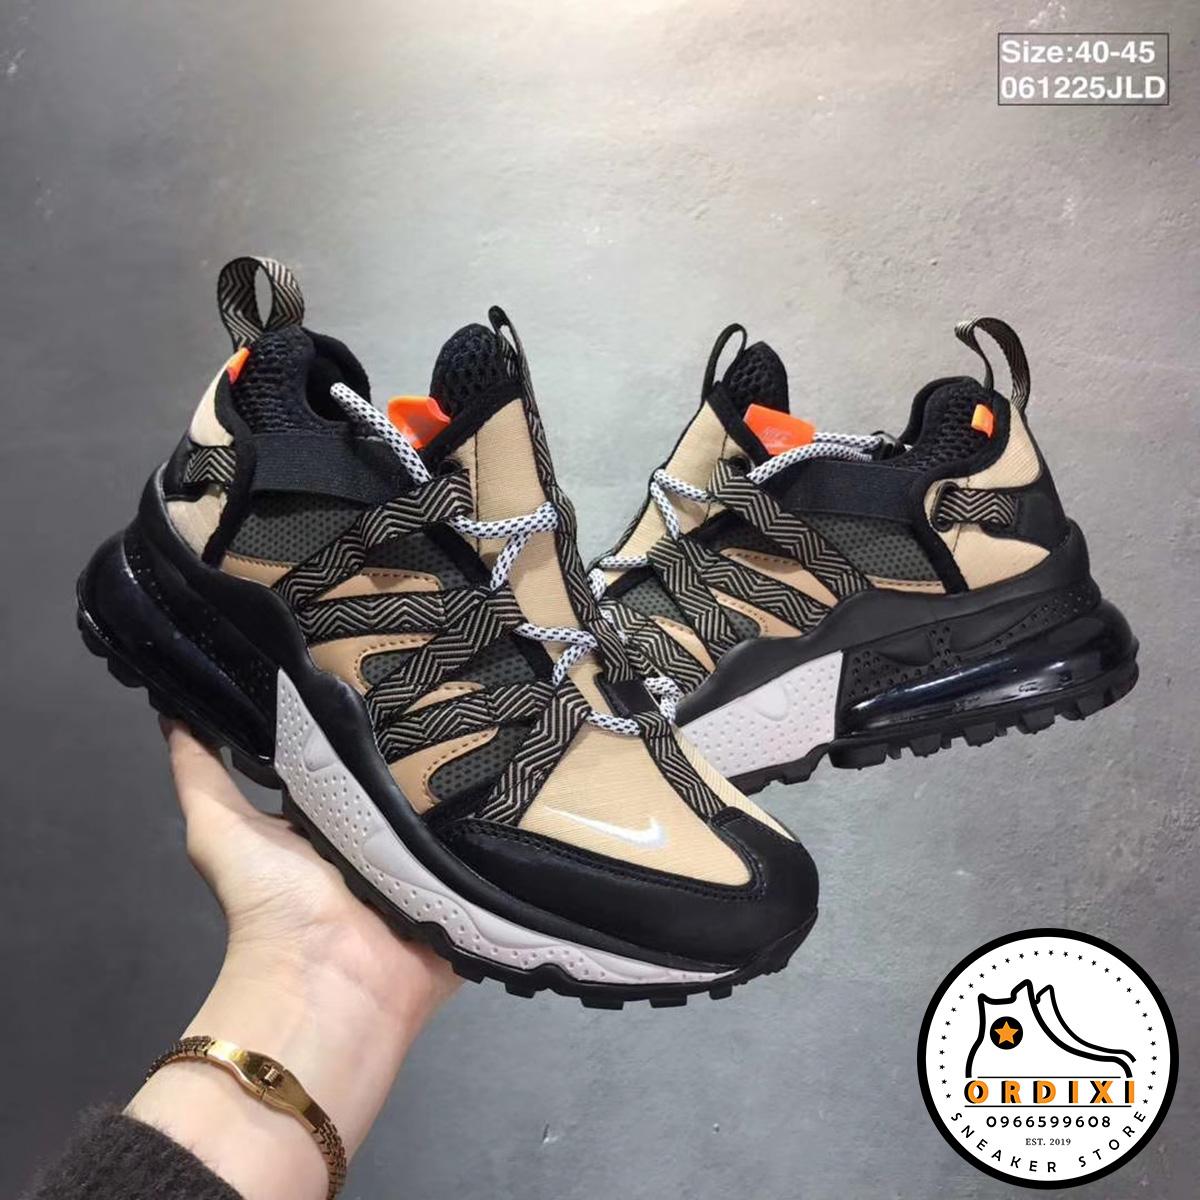 Nike-Air-Max-270-Bowfin-Desert-ConeAJ7200-001-2